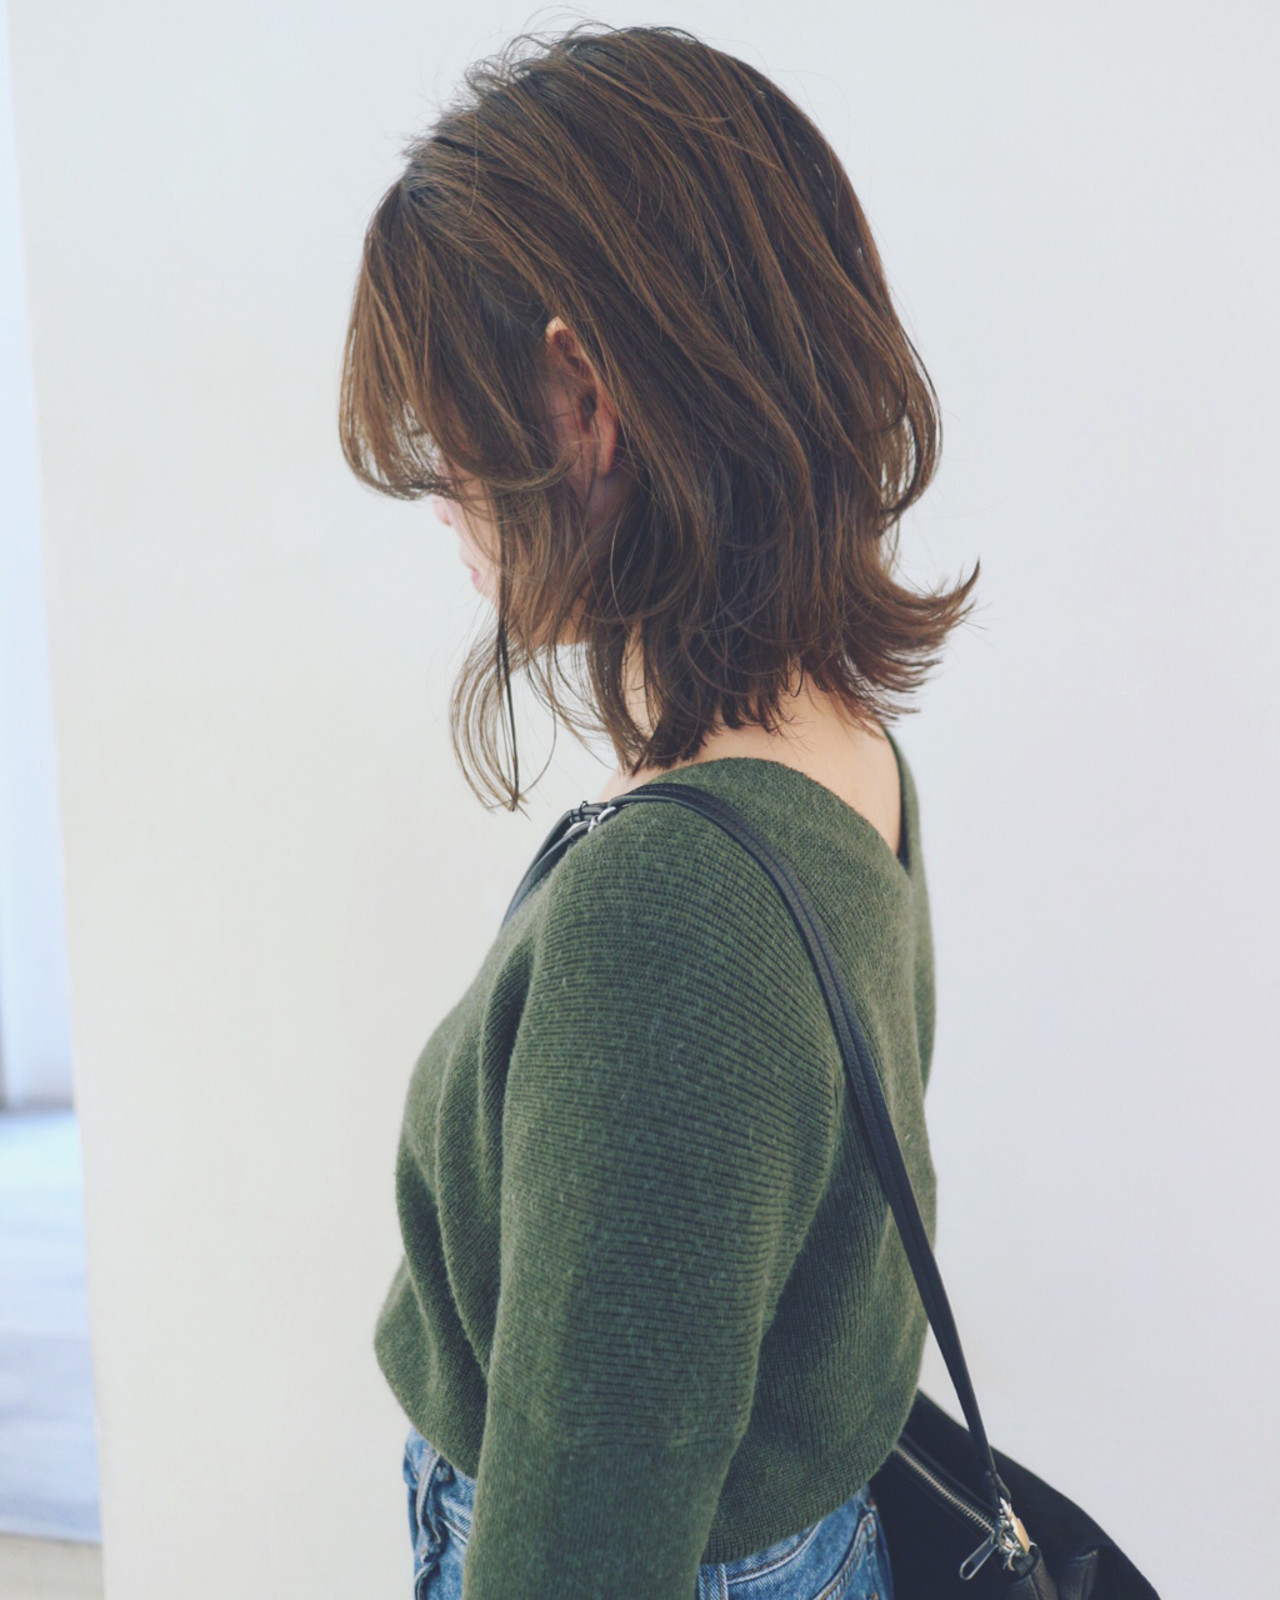 レイヤーカット フェミニン ボブ マッシュ ヘアスタイルや髪型の写真・画像